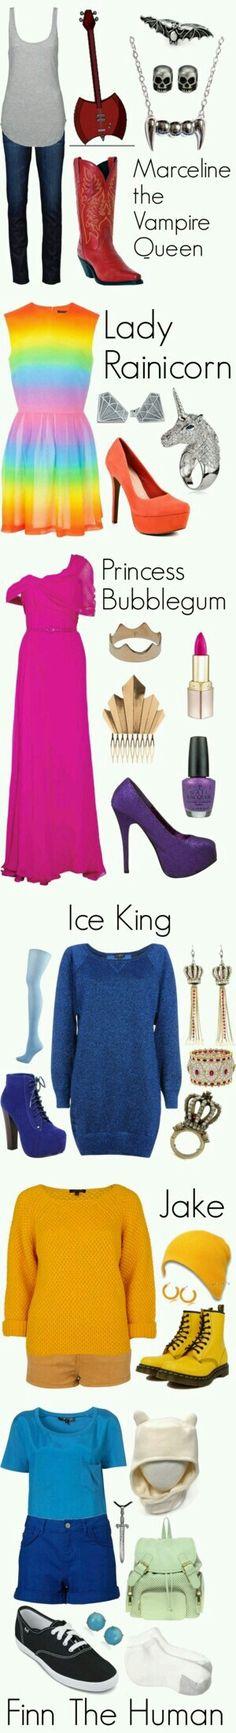 Eu gostei da (o)  ice  king:  rei gelado da princess bublegum:  princesas jujuba e da lady iris